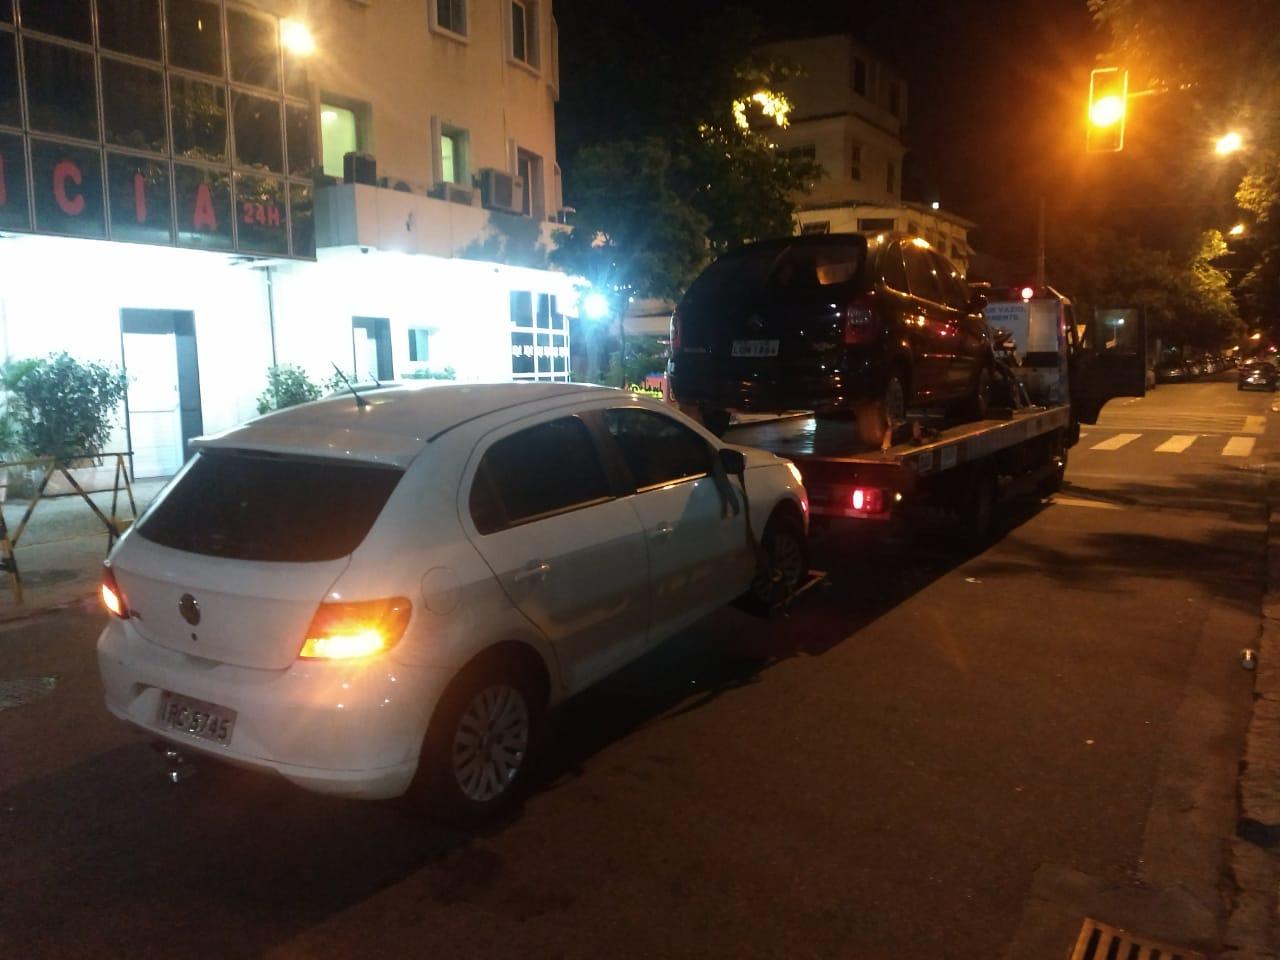 Réveillon 2019: Ação de ordem pública remove 373 veículos por estacionamento irregular